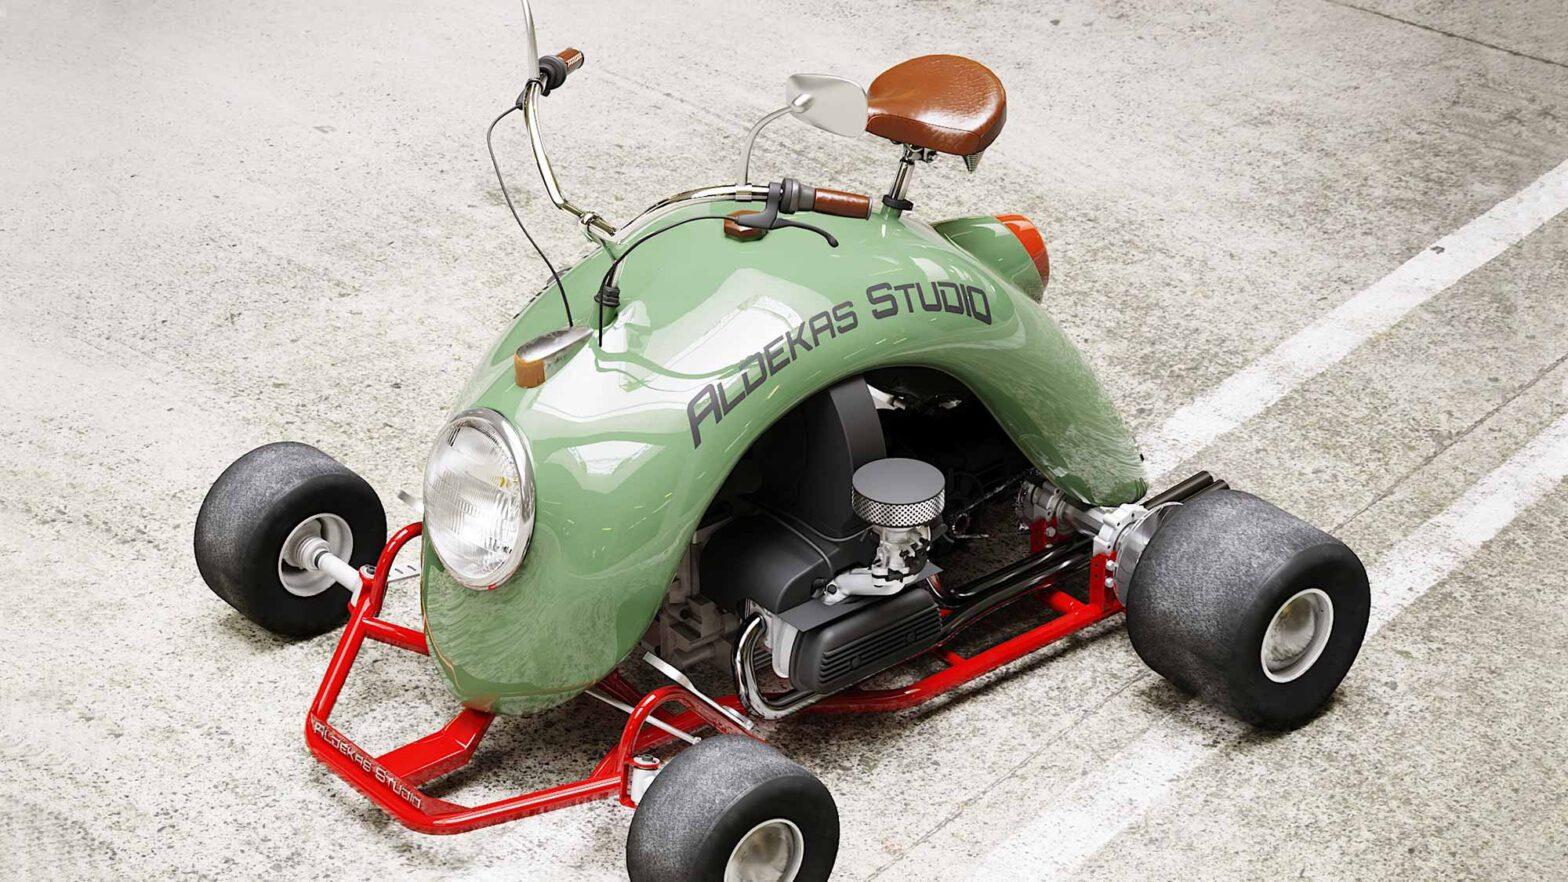 Bugkart Wasowski Go-Kart Motorcycle Hybrid